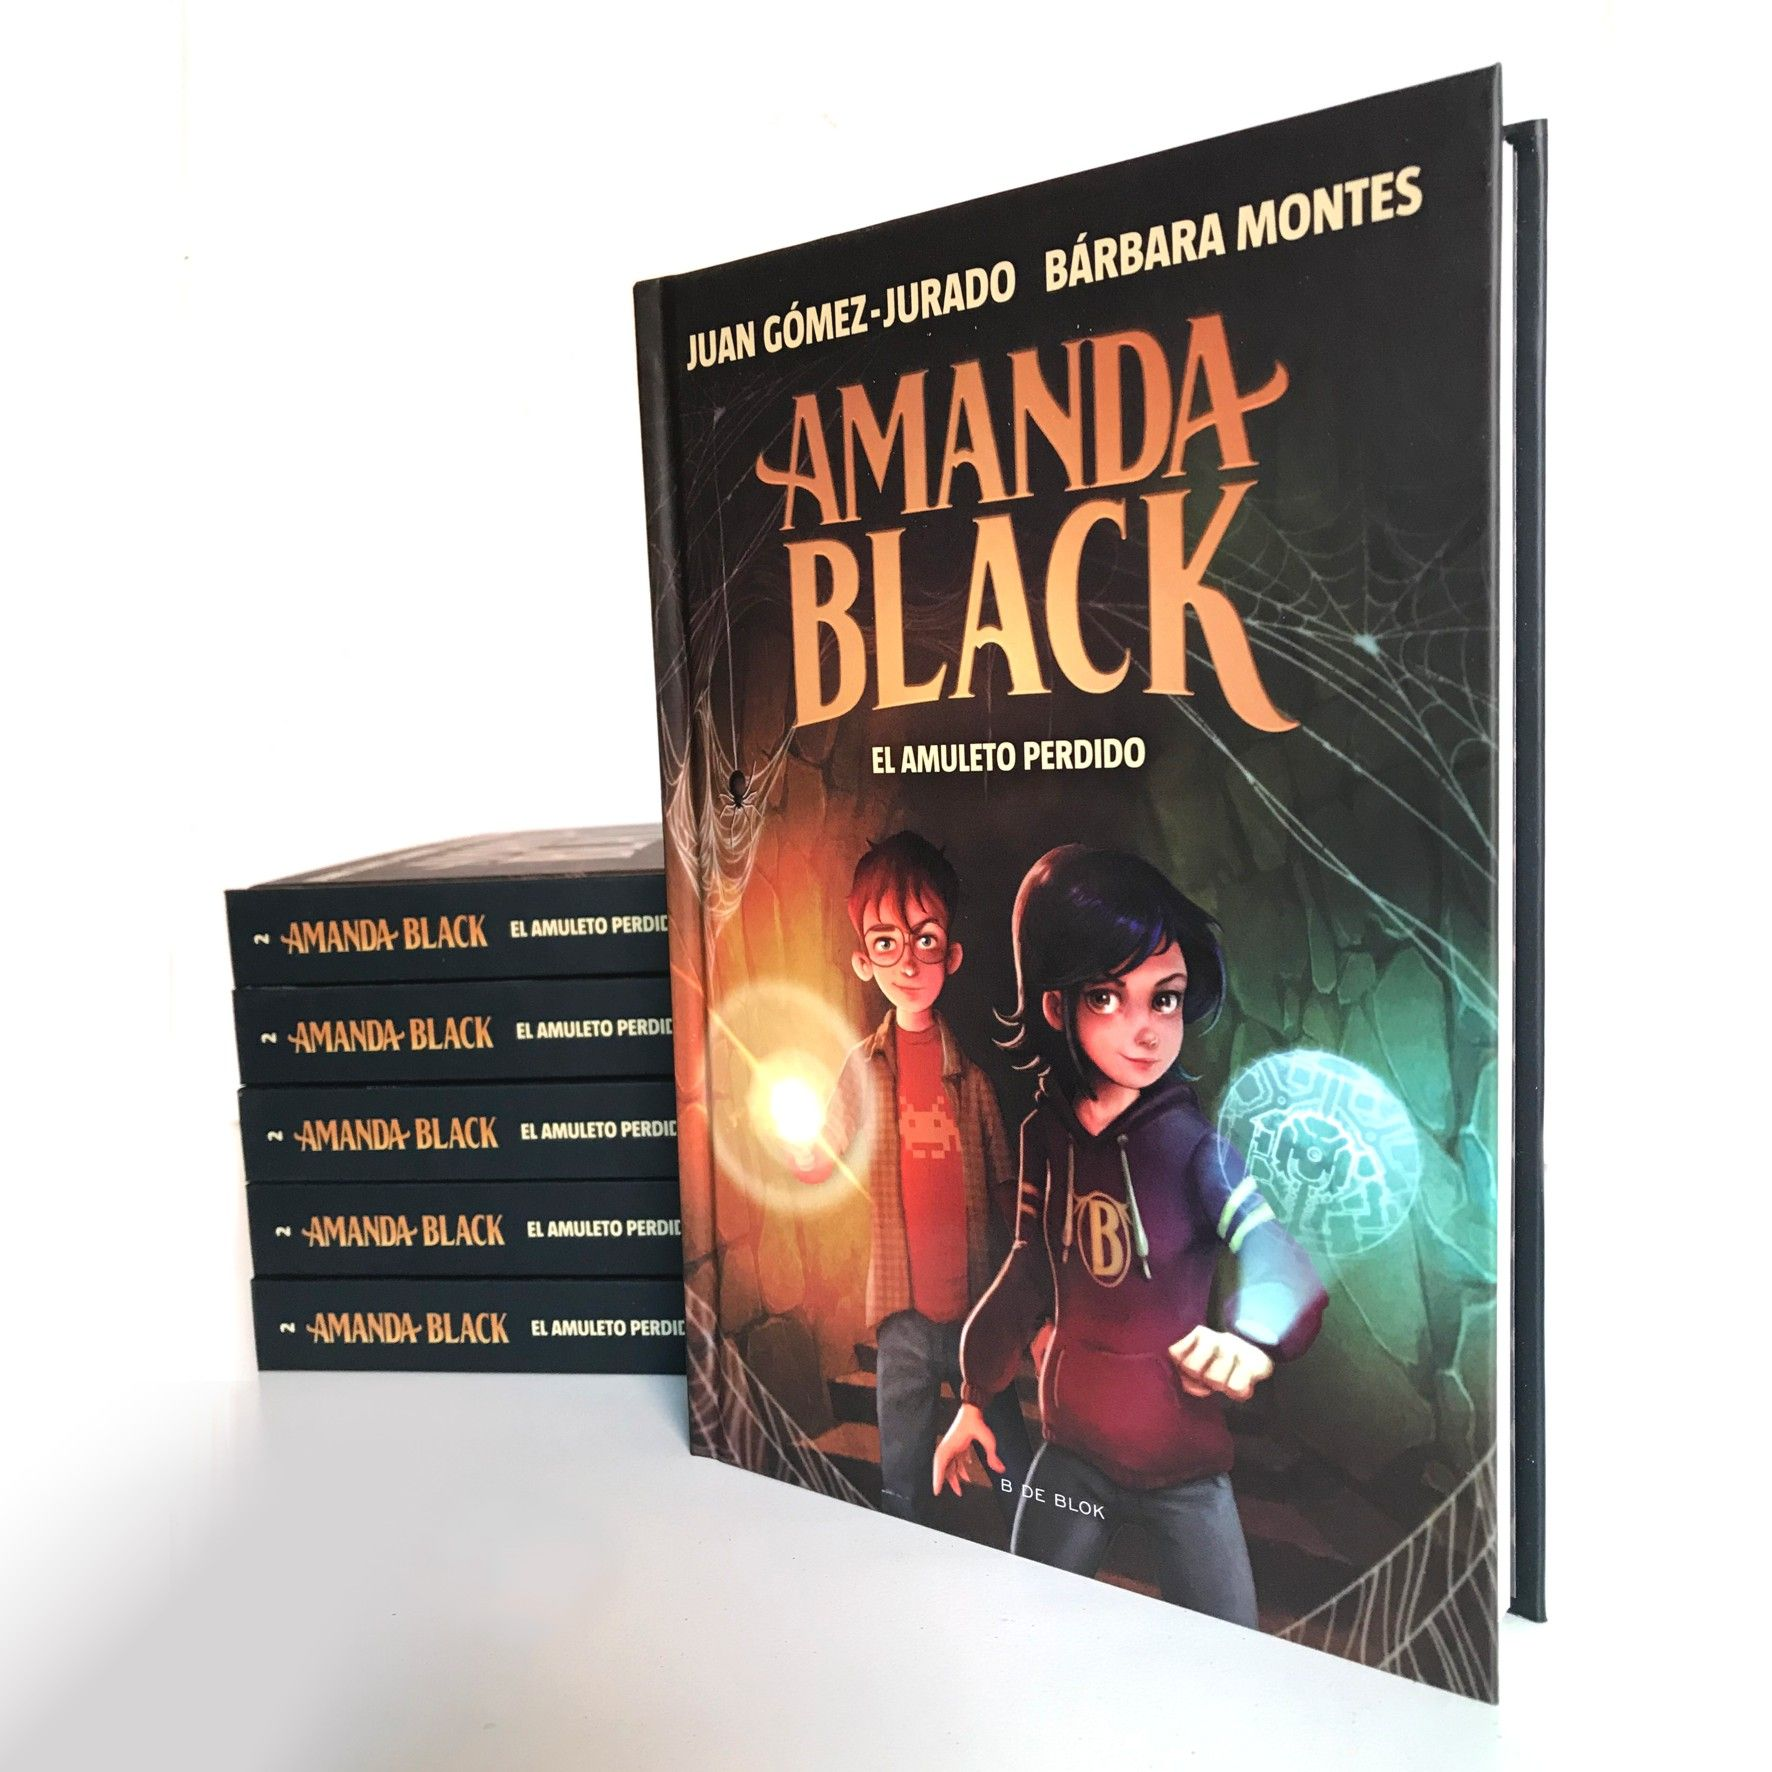 Amanda Black - ilustración color